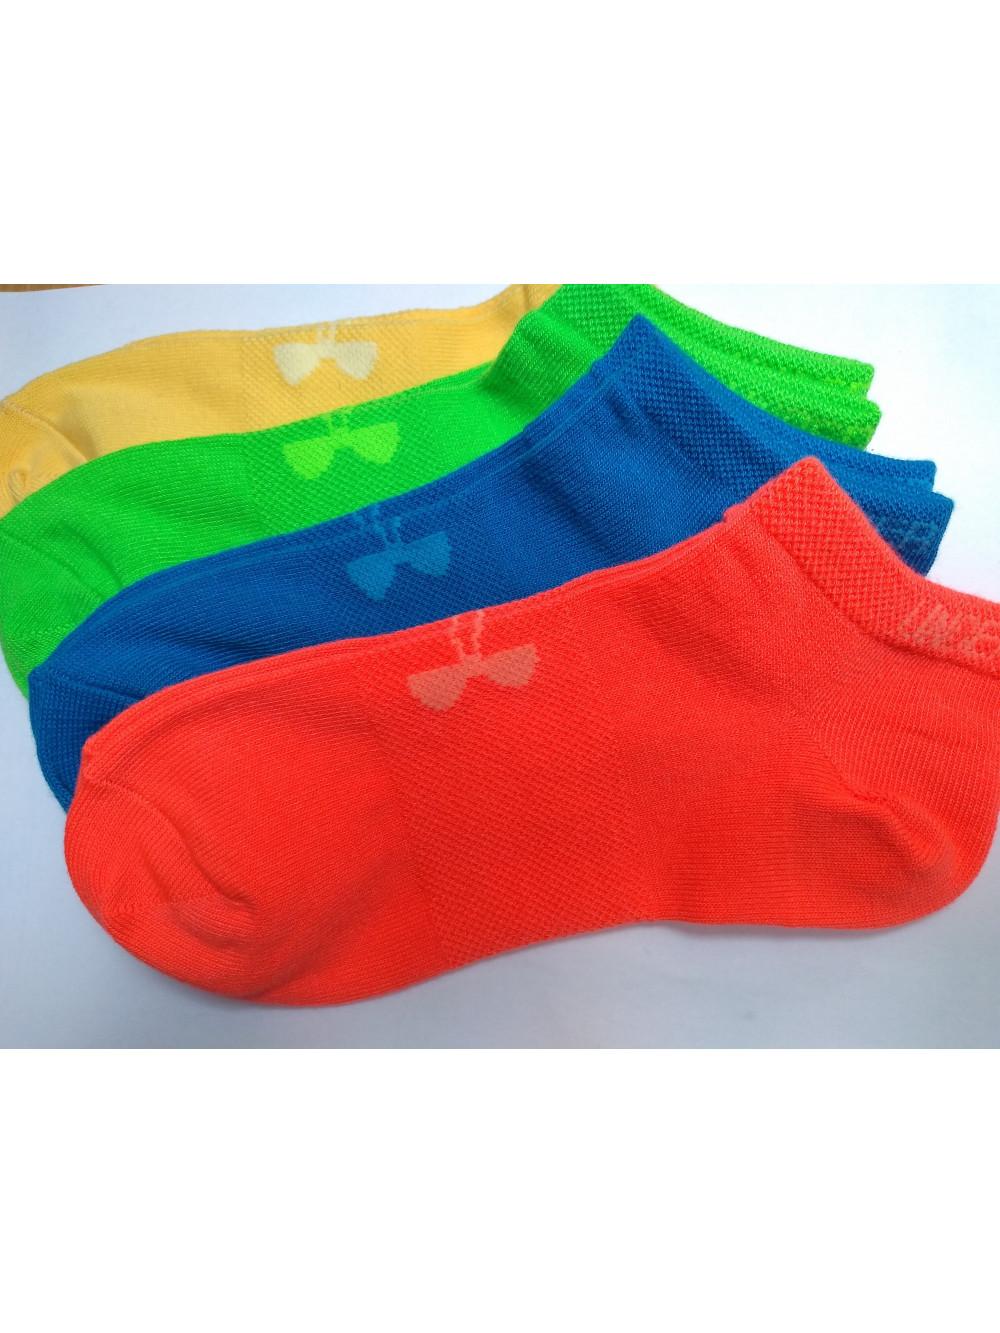 Kotníkové dámské ponožky Under Armour nízké 4pack- zelené, oranžové,modré, žltué